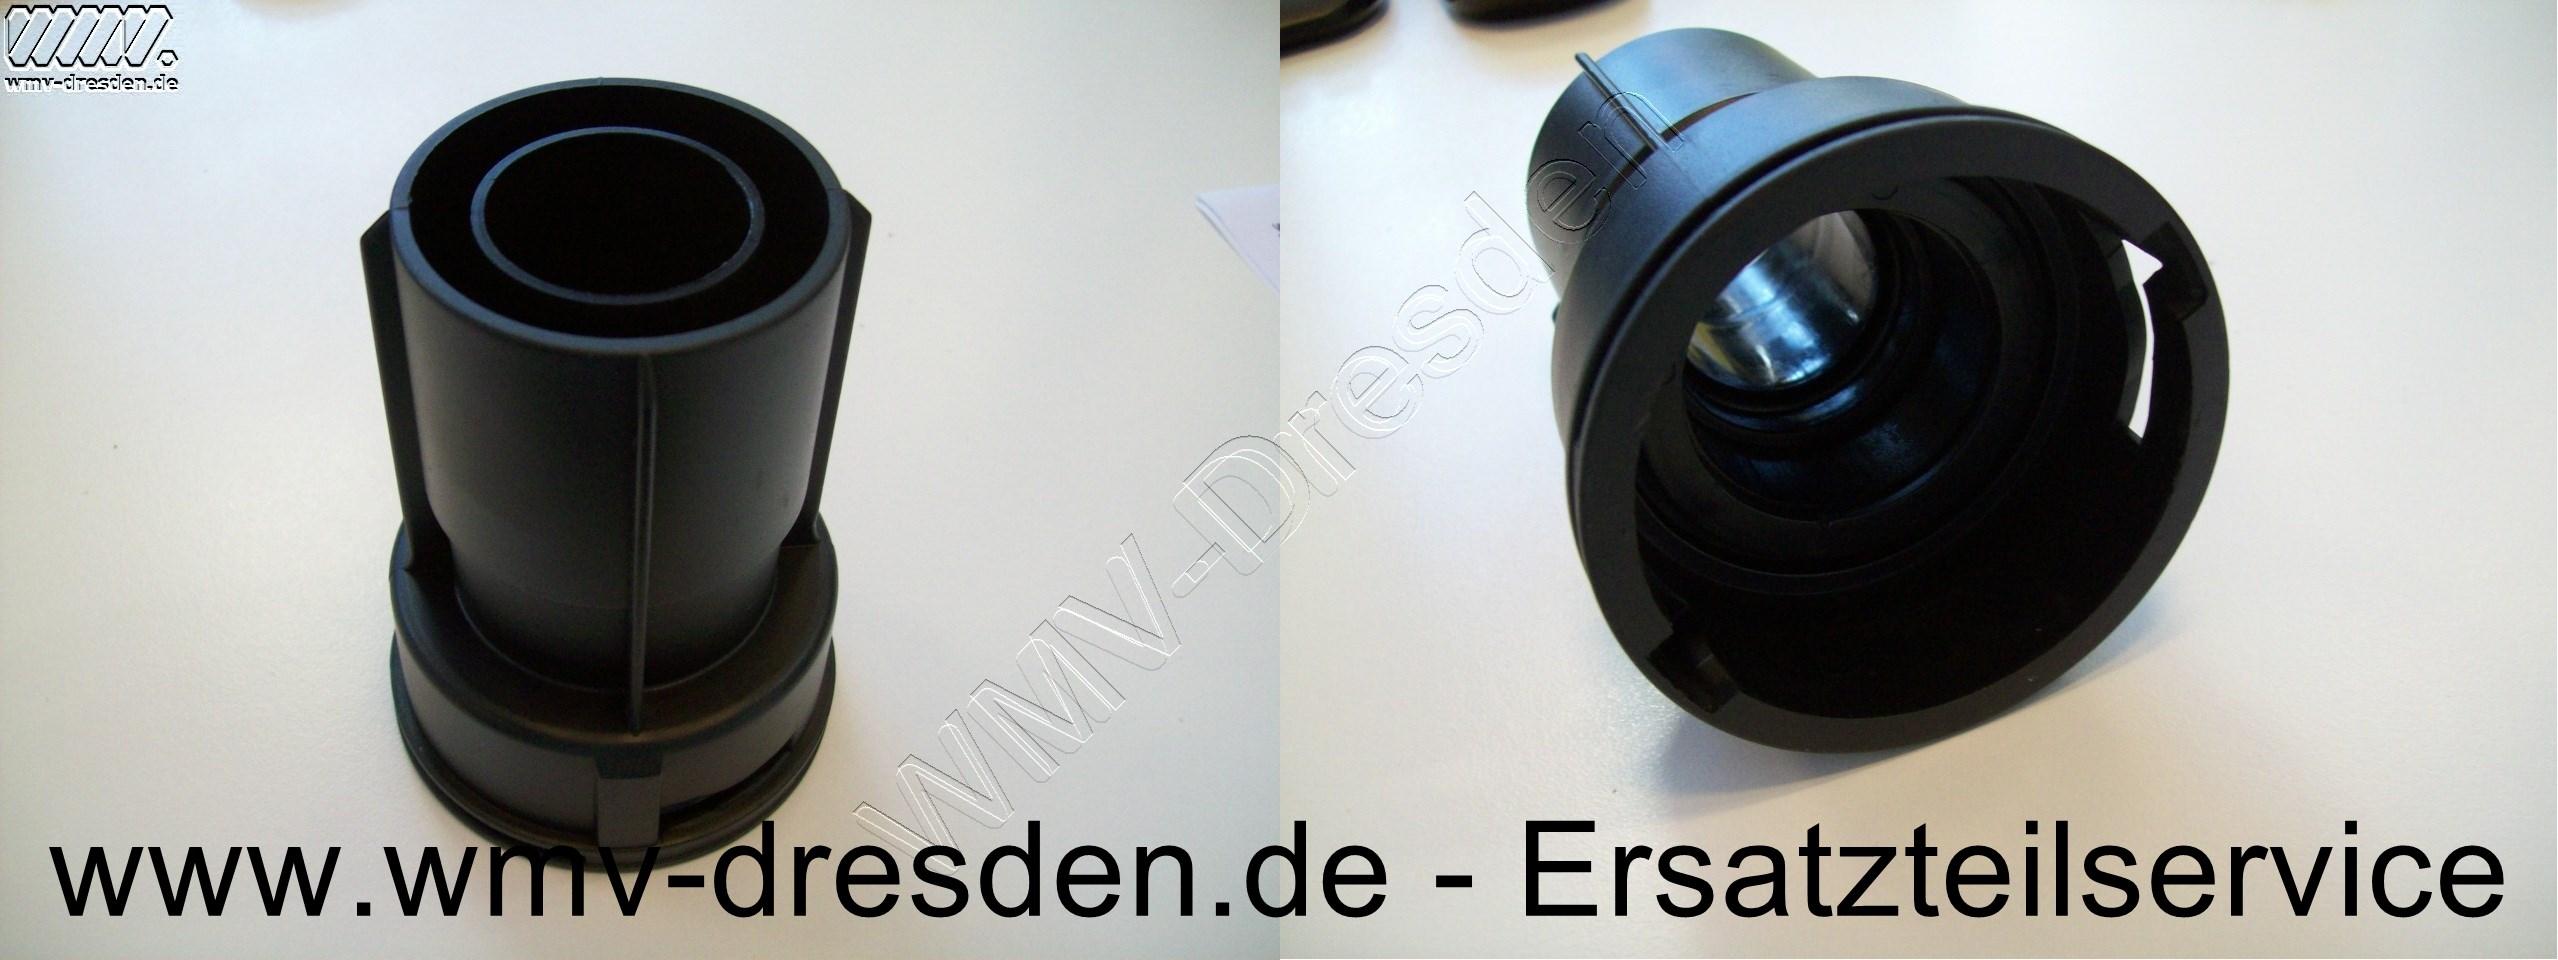 Anschluss von Sauger zum Schlauch mit D 35 mm